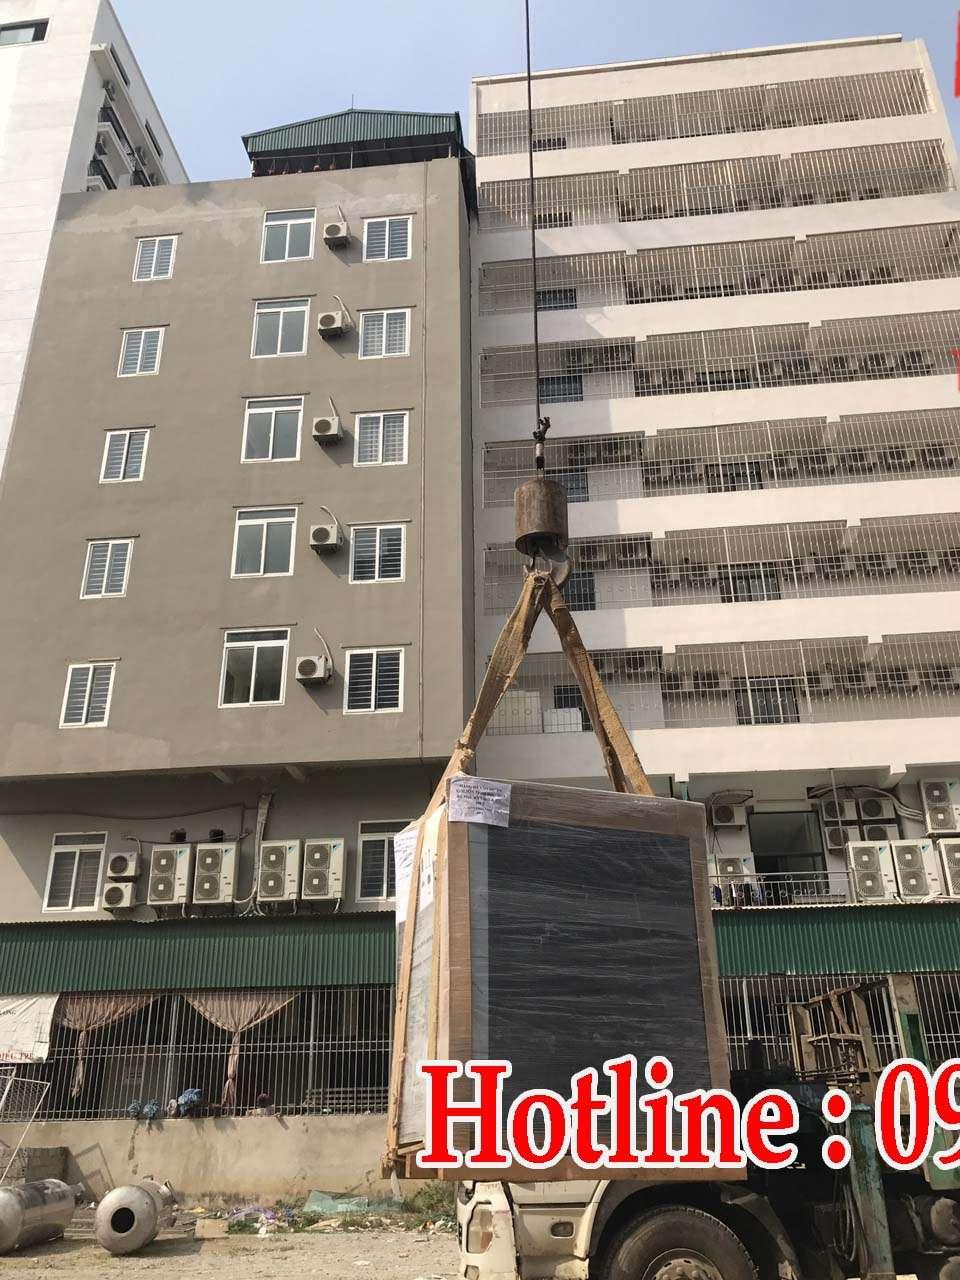 828234860b14e94ab005 - Dự án lắp đặt hệ thống giặt là tại khách sạn Sầm Sơn - Thanh Hóa